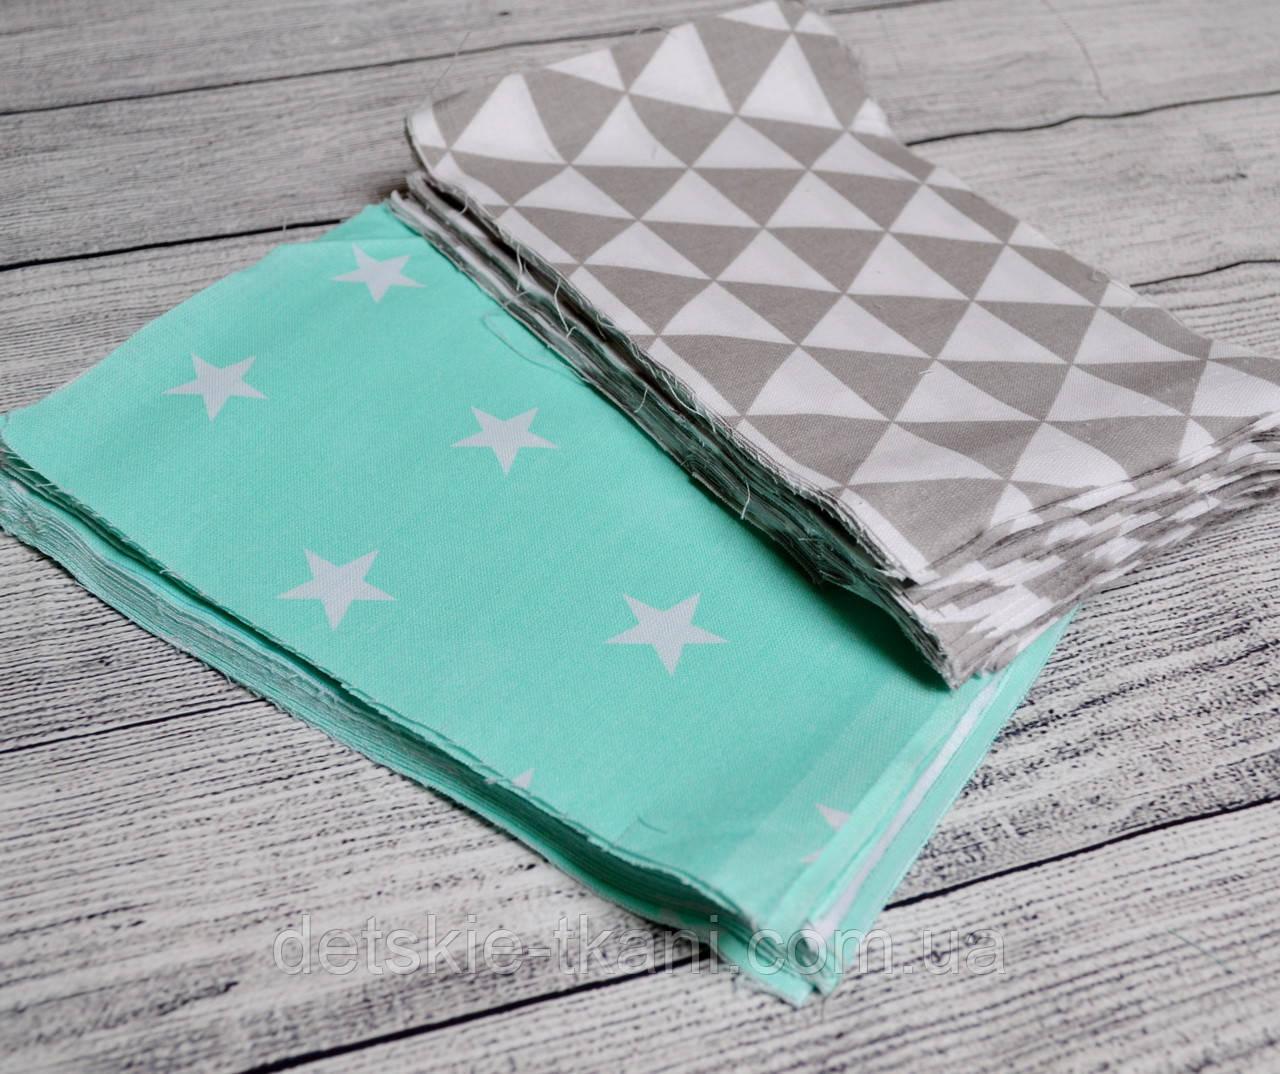 Набор лоскутов тканей для рукоделия с треугольниками и звёздами, №53